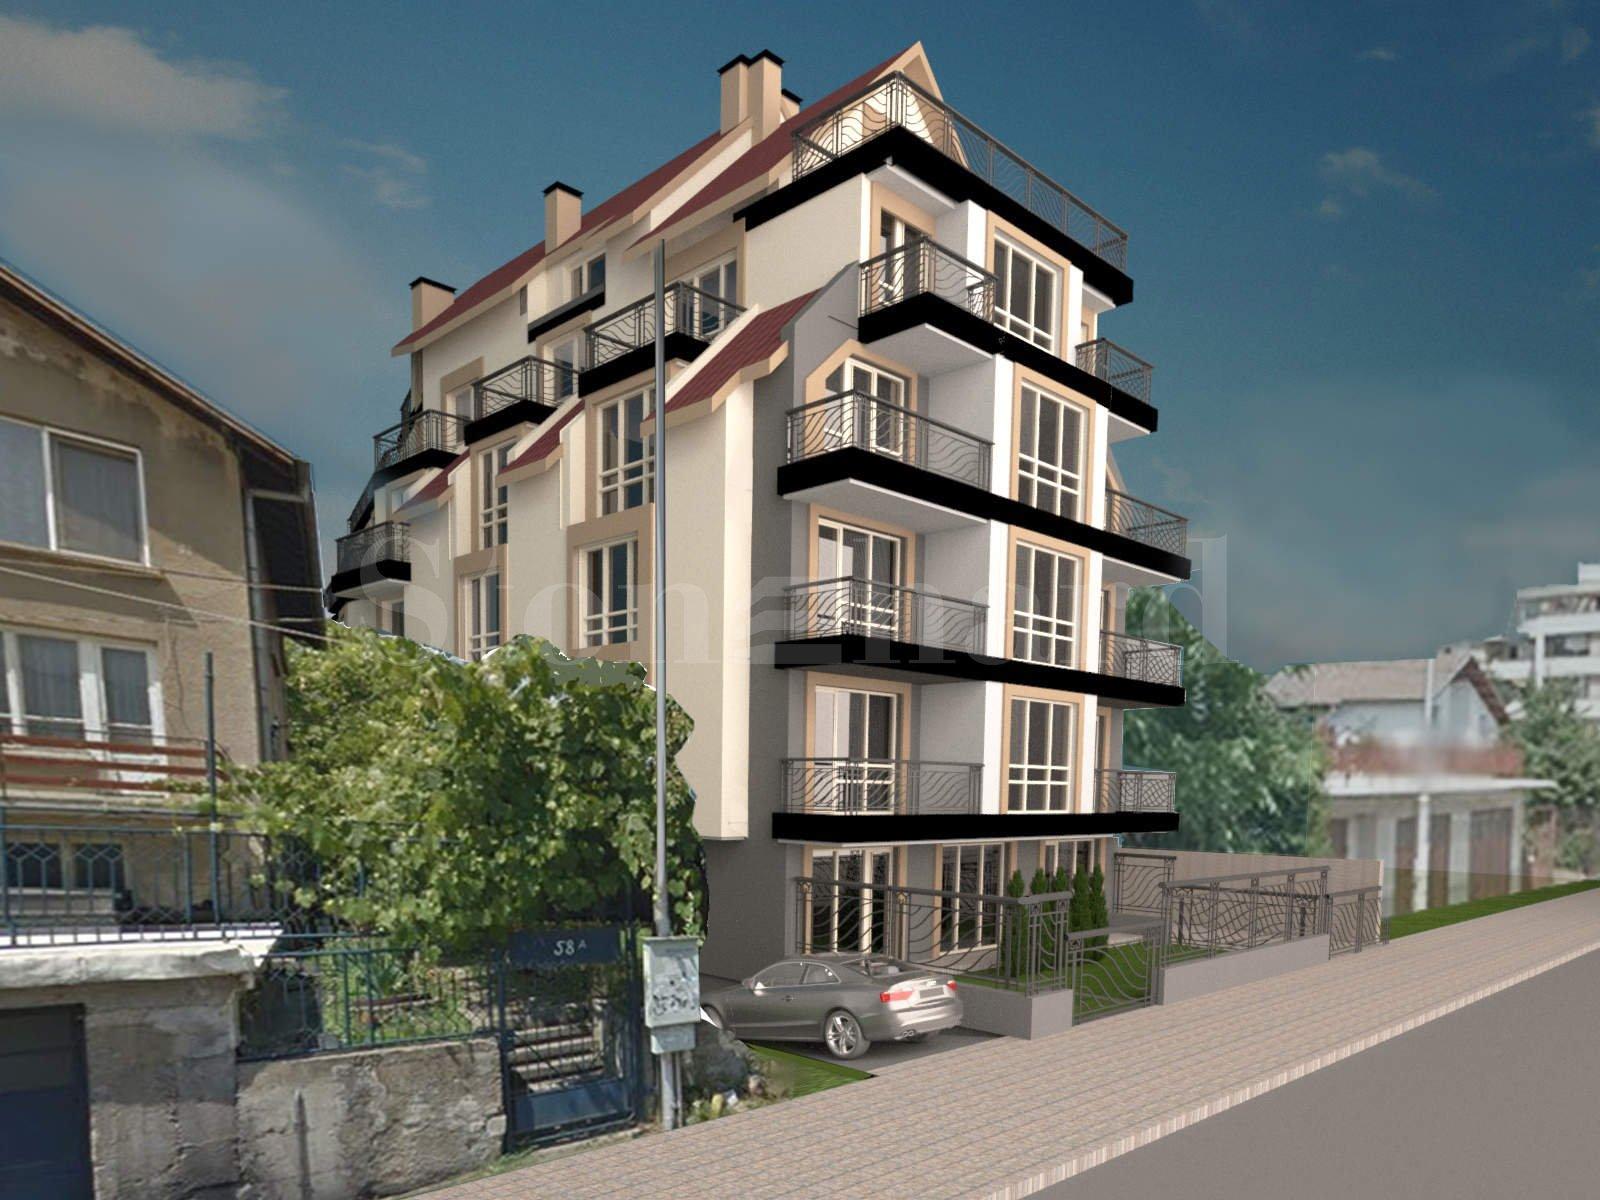 Хубава нова жилищна сграда в кв. Овча Купел1 - Stonehard